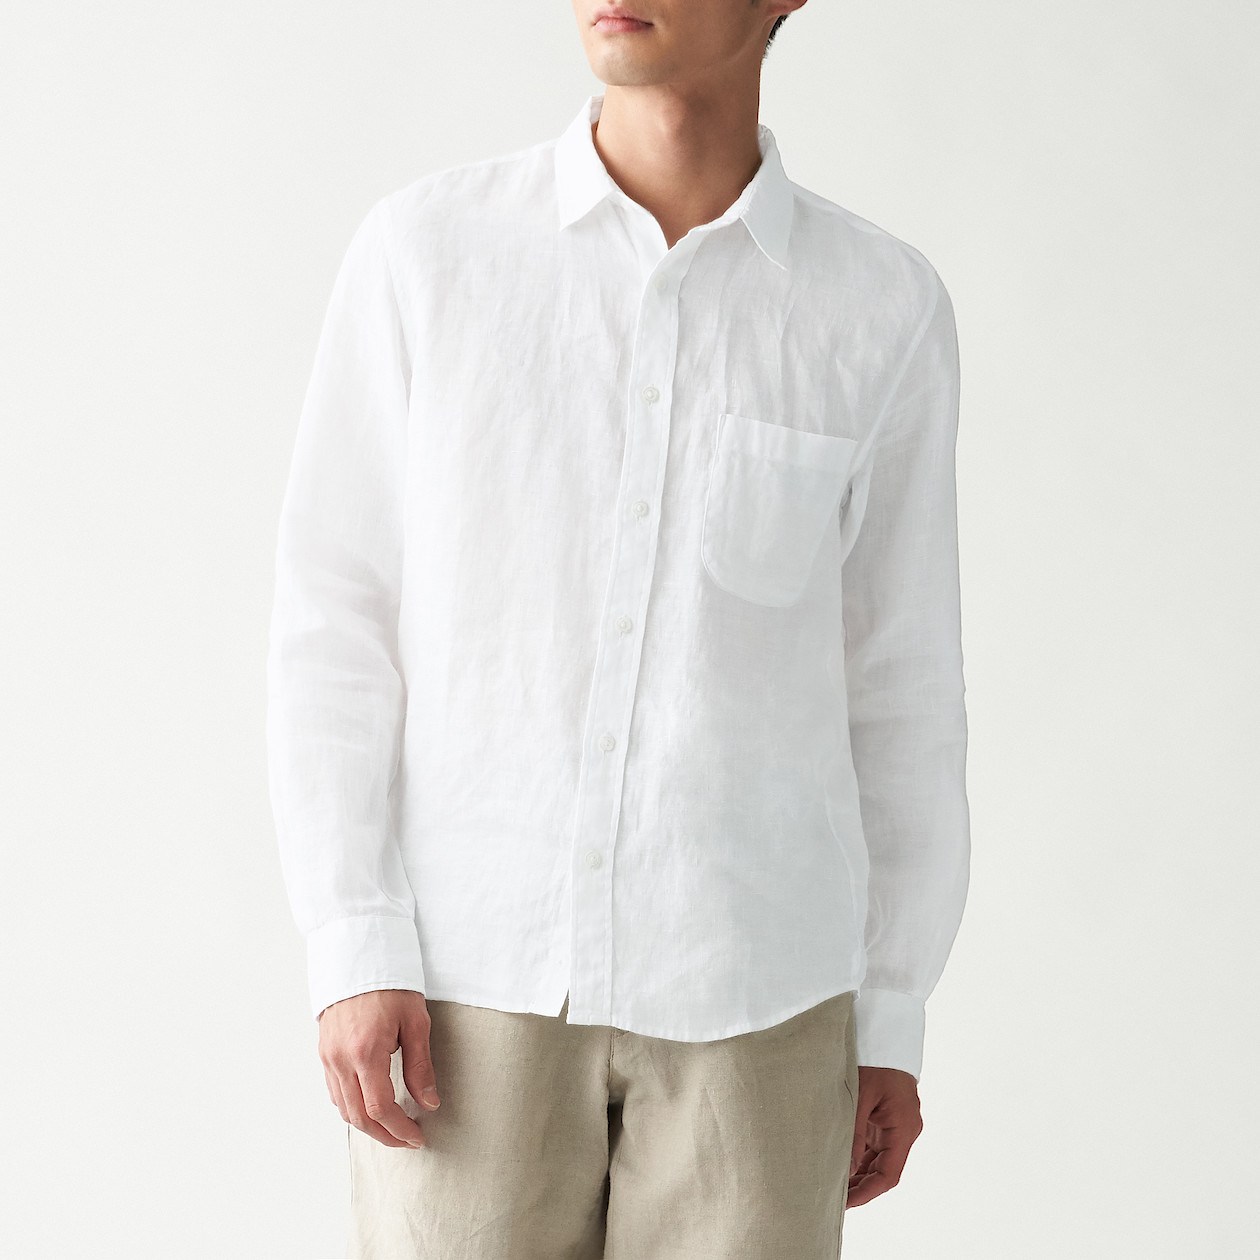 男法國亞麻水洗襯衫 白色XL | 無印良品